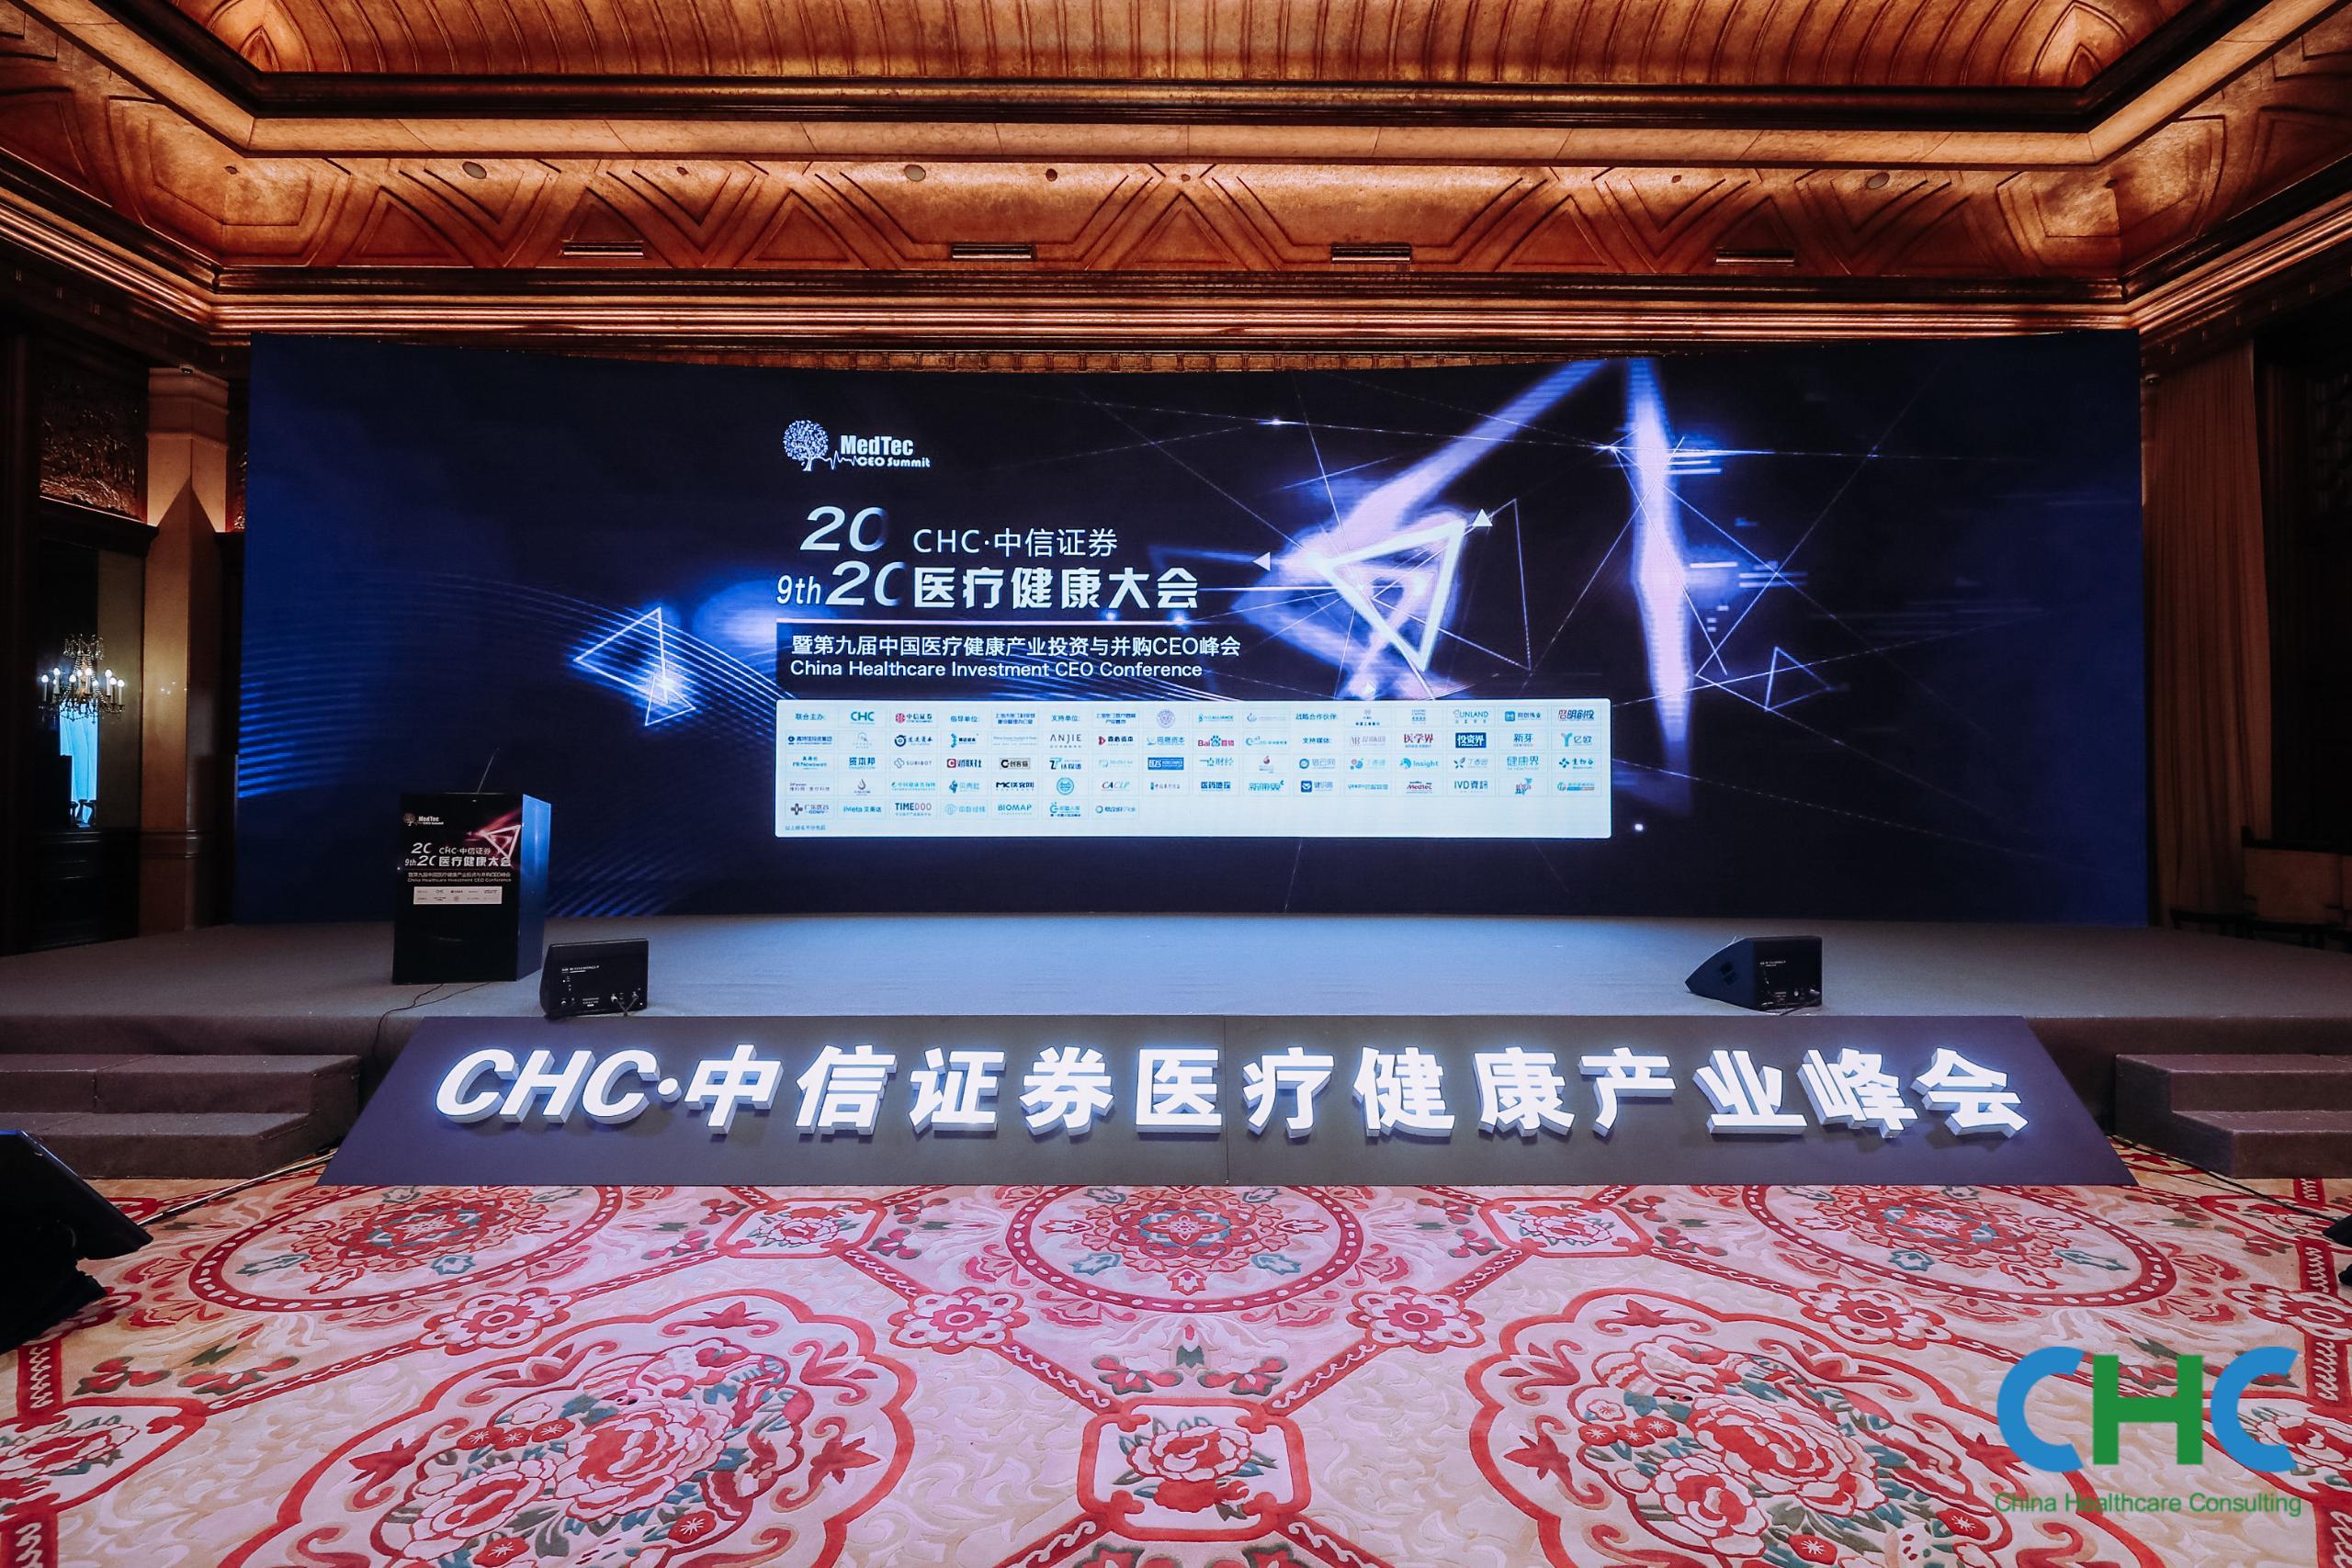 2020 CHC·中信证券医疗健康大会暨第九届中国医疗健康产业投资与并购CEO峰会